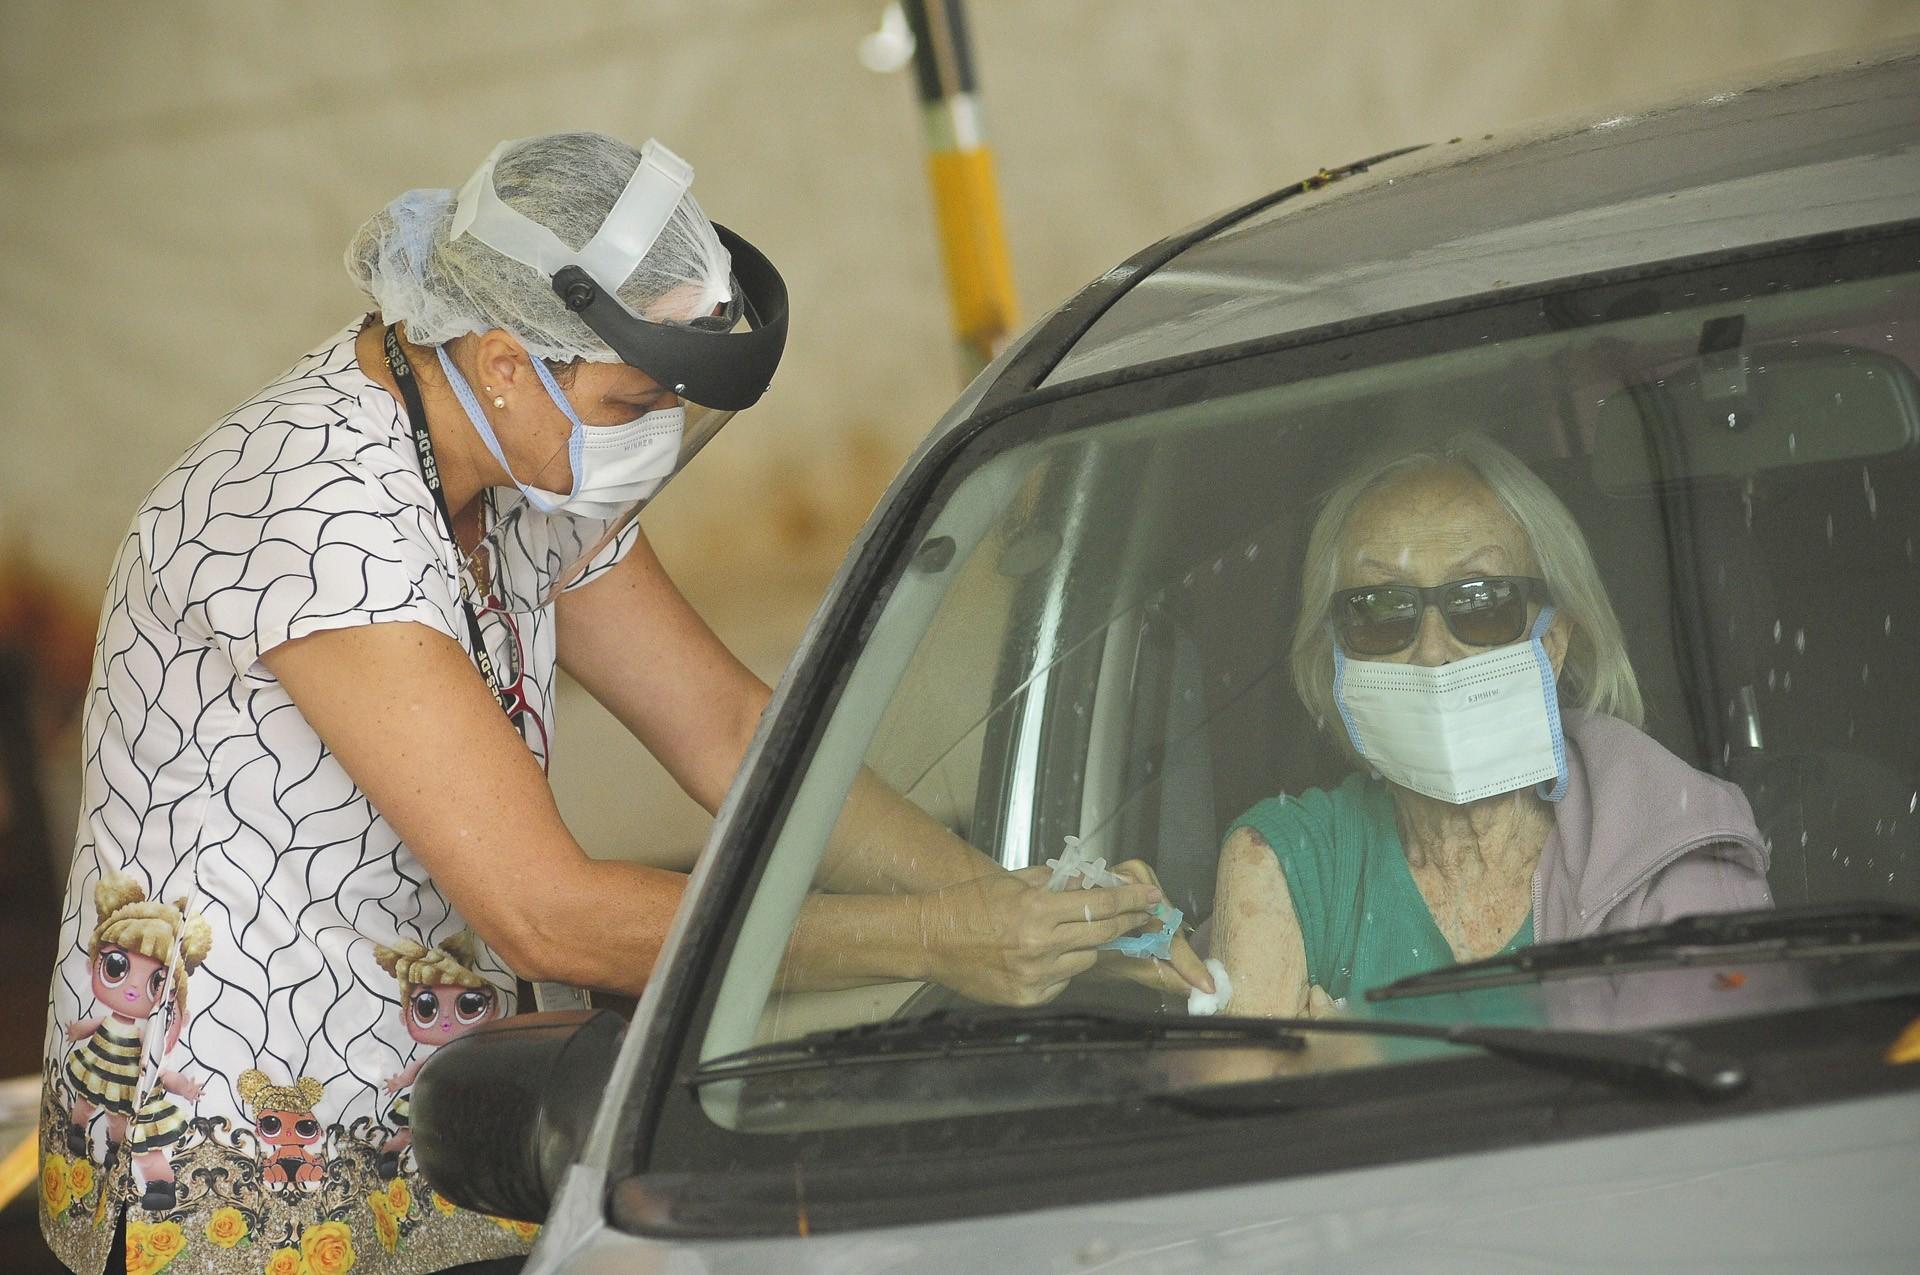 Vacina contra gripe: idosos do Guará são imunizados em casa; Secretaria de Saúde do DF diz que medida pode ser ampliada